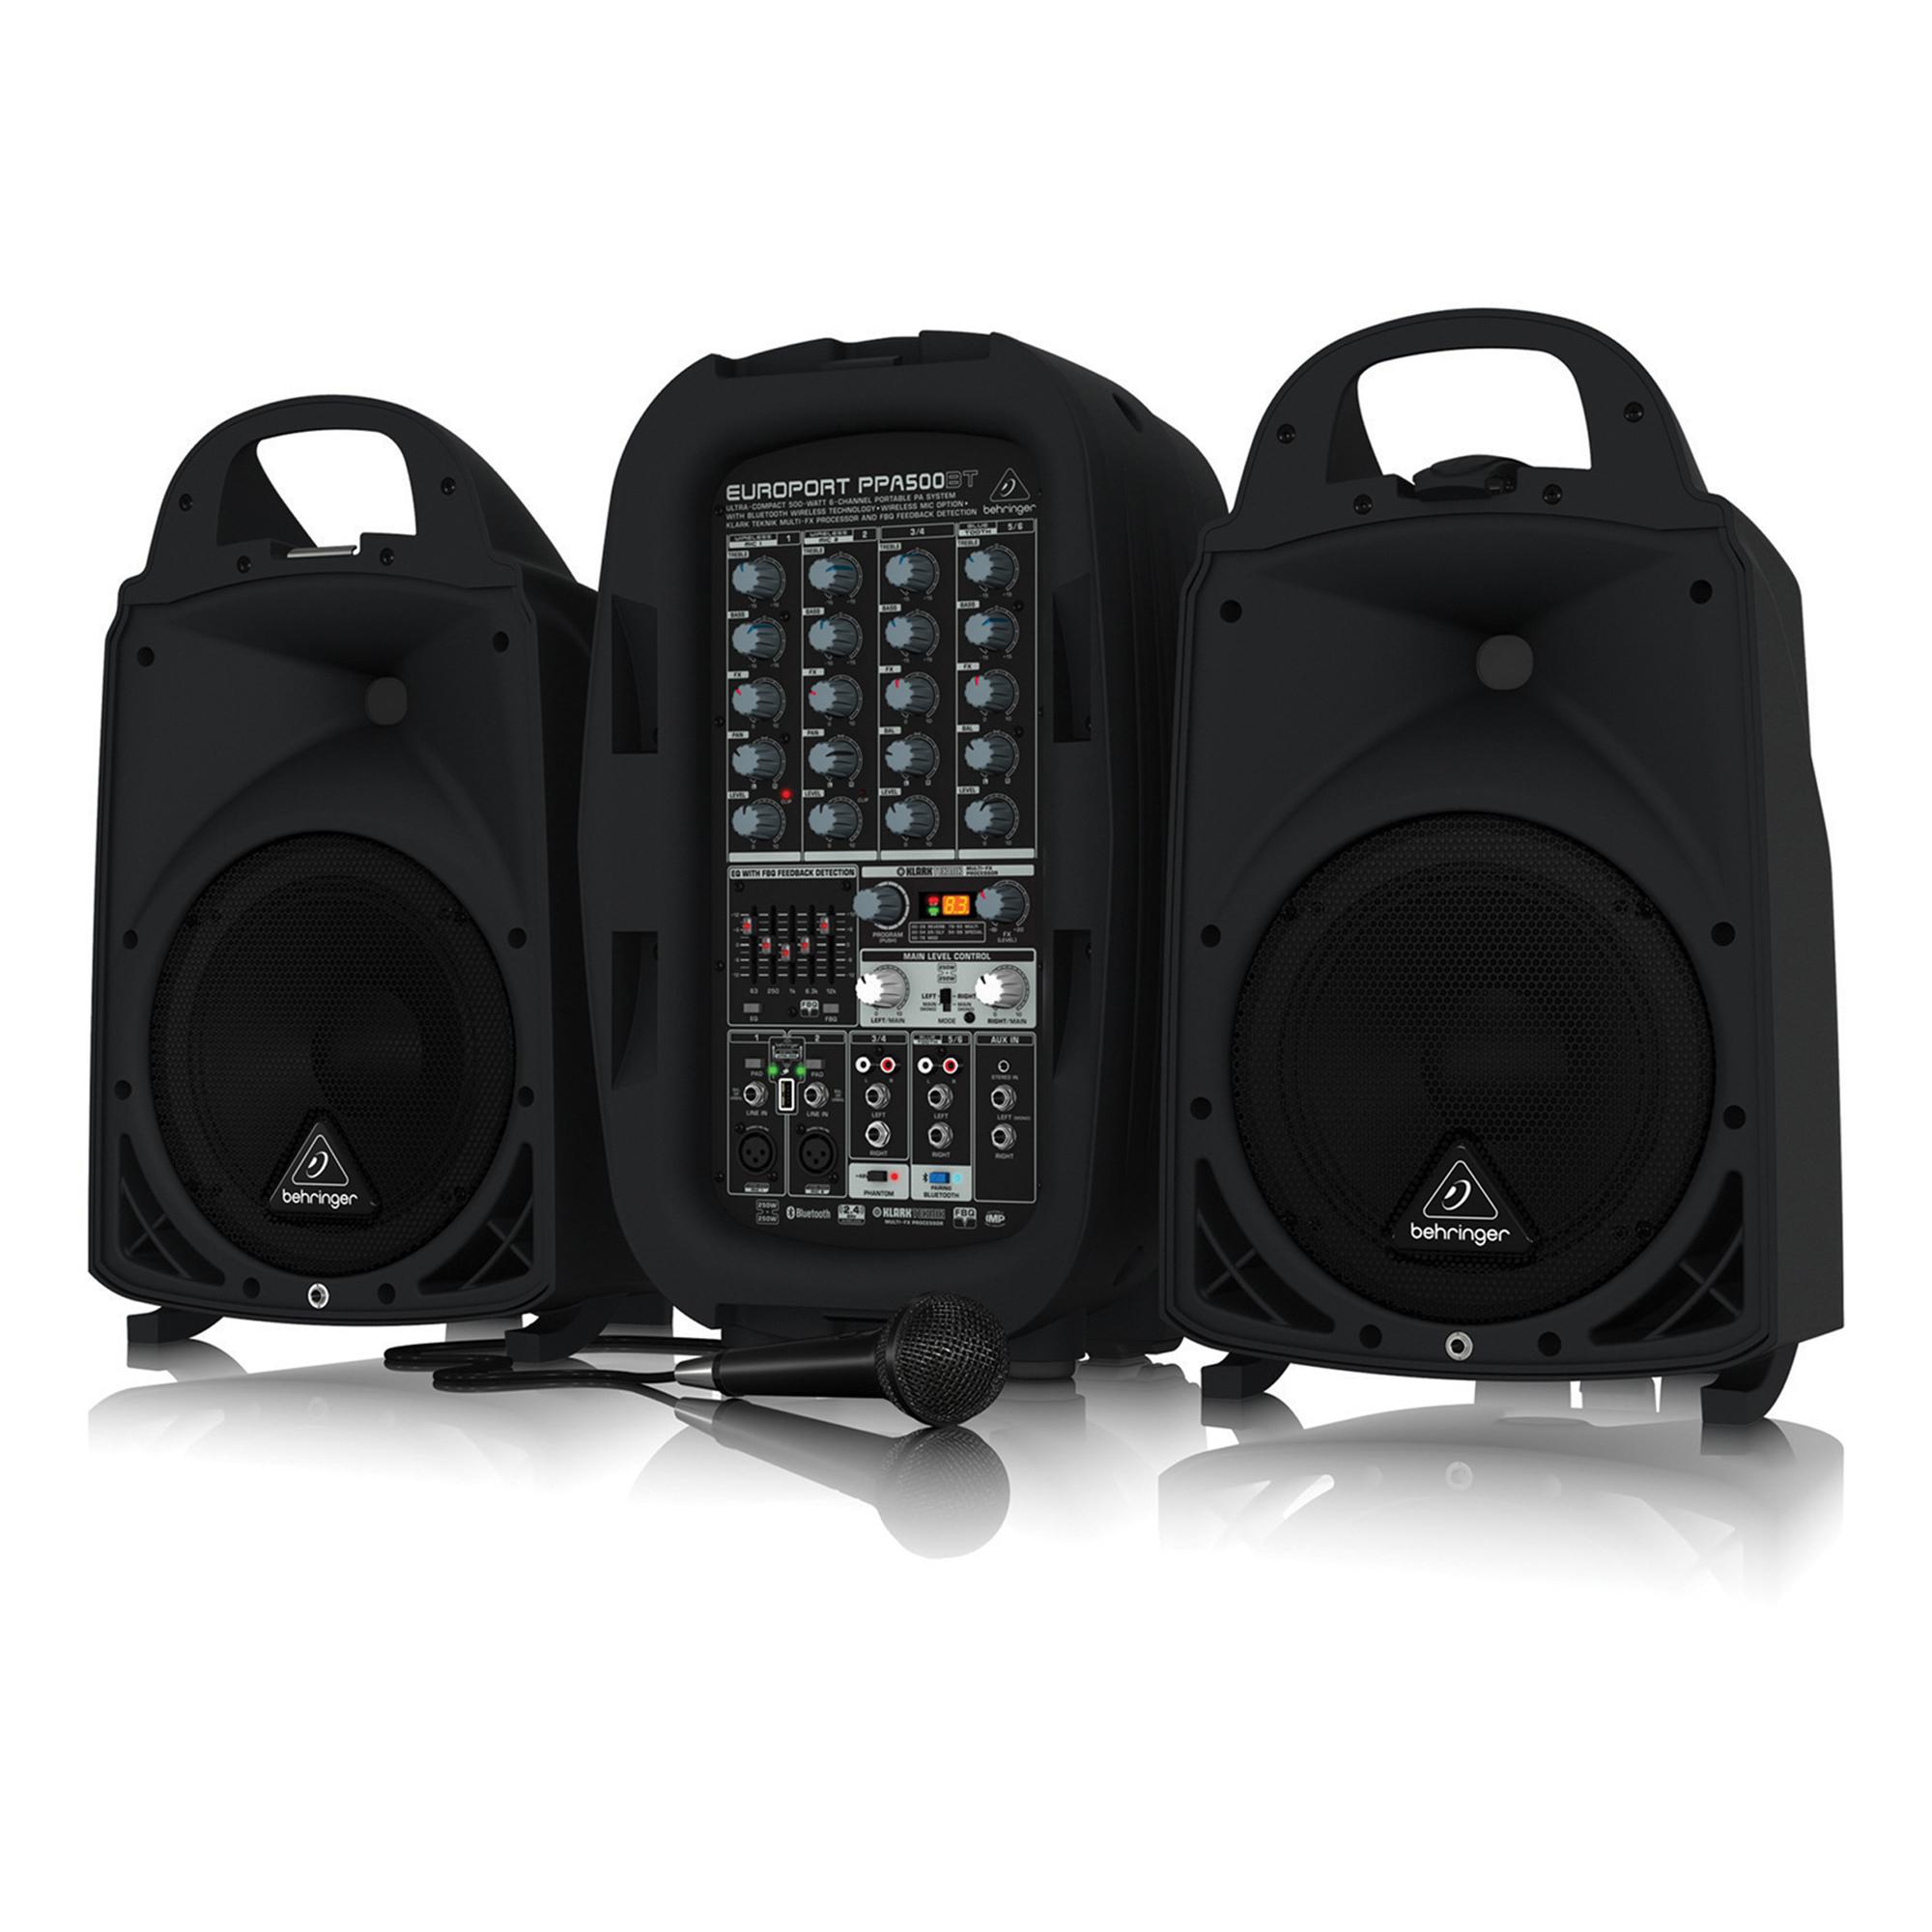 behringer europort ppa500bt portable 6 channel pa speaker system 500w. Black Bedroom Furniture Sets. Home Design Ideas